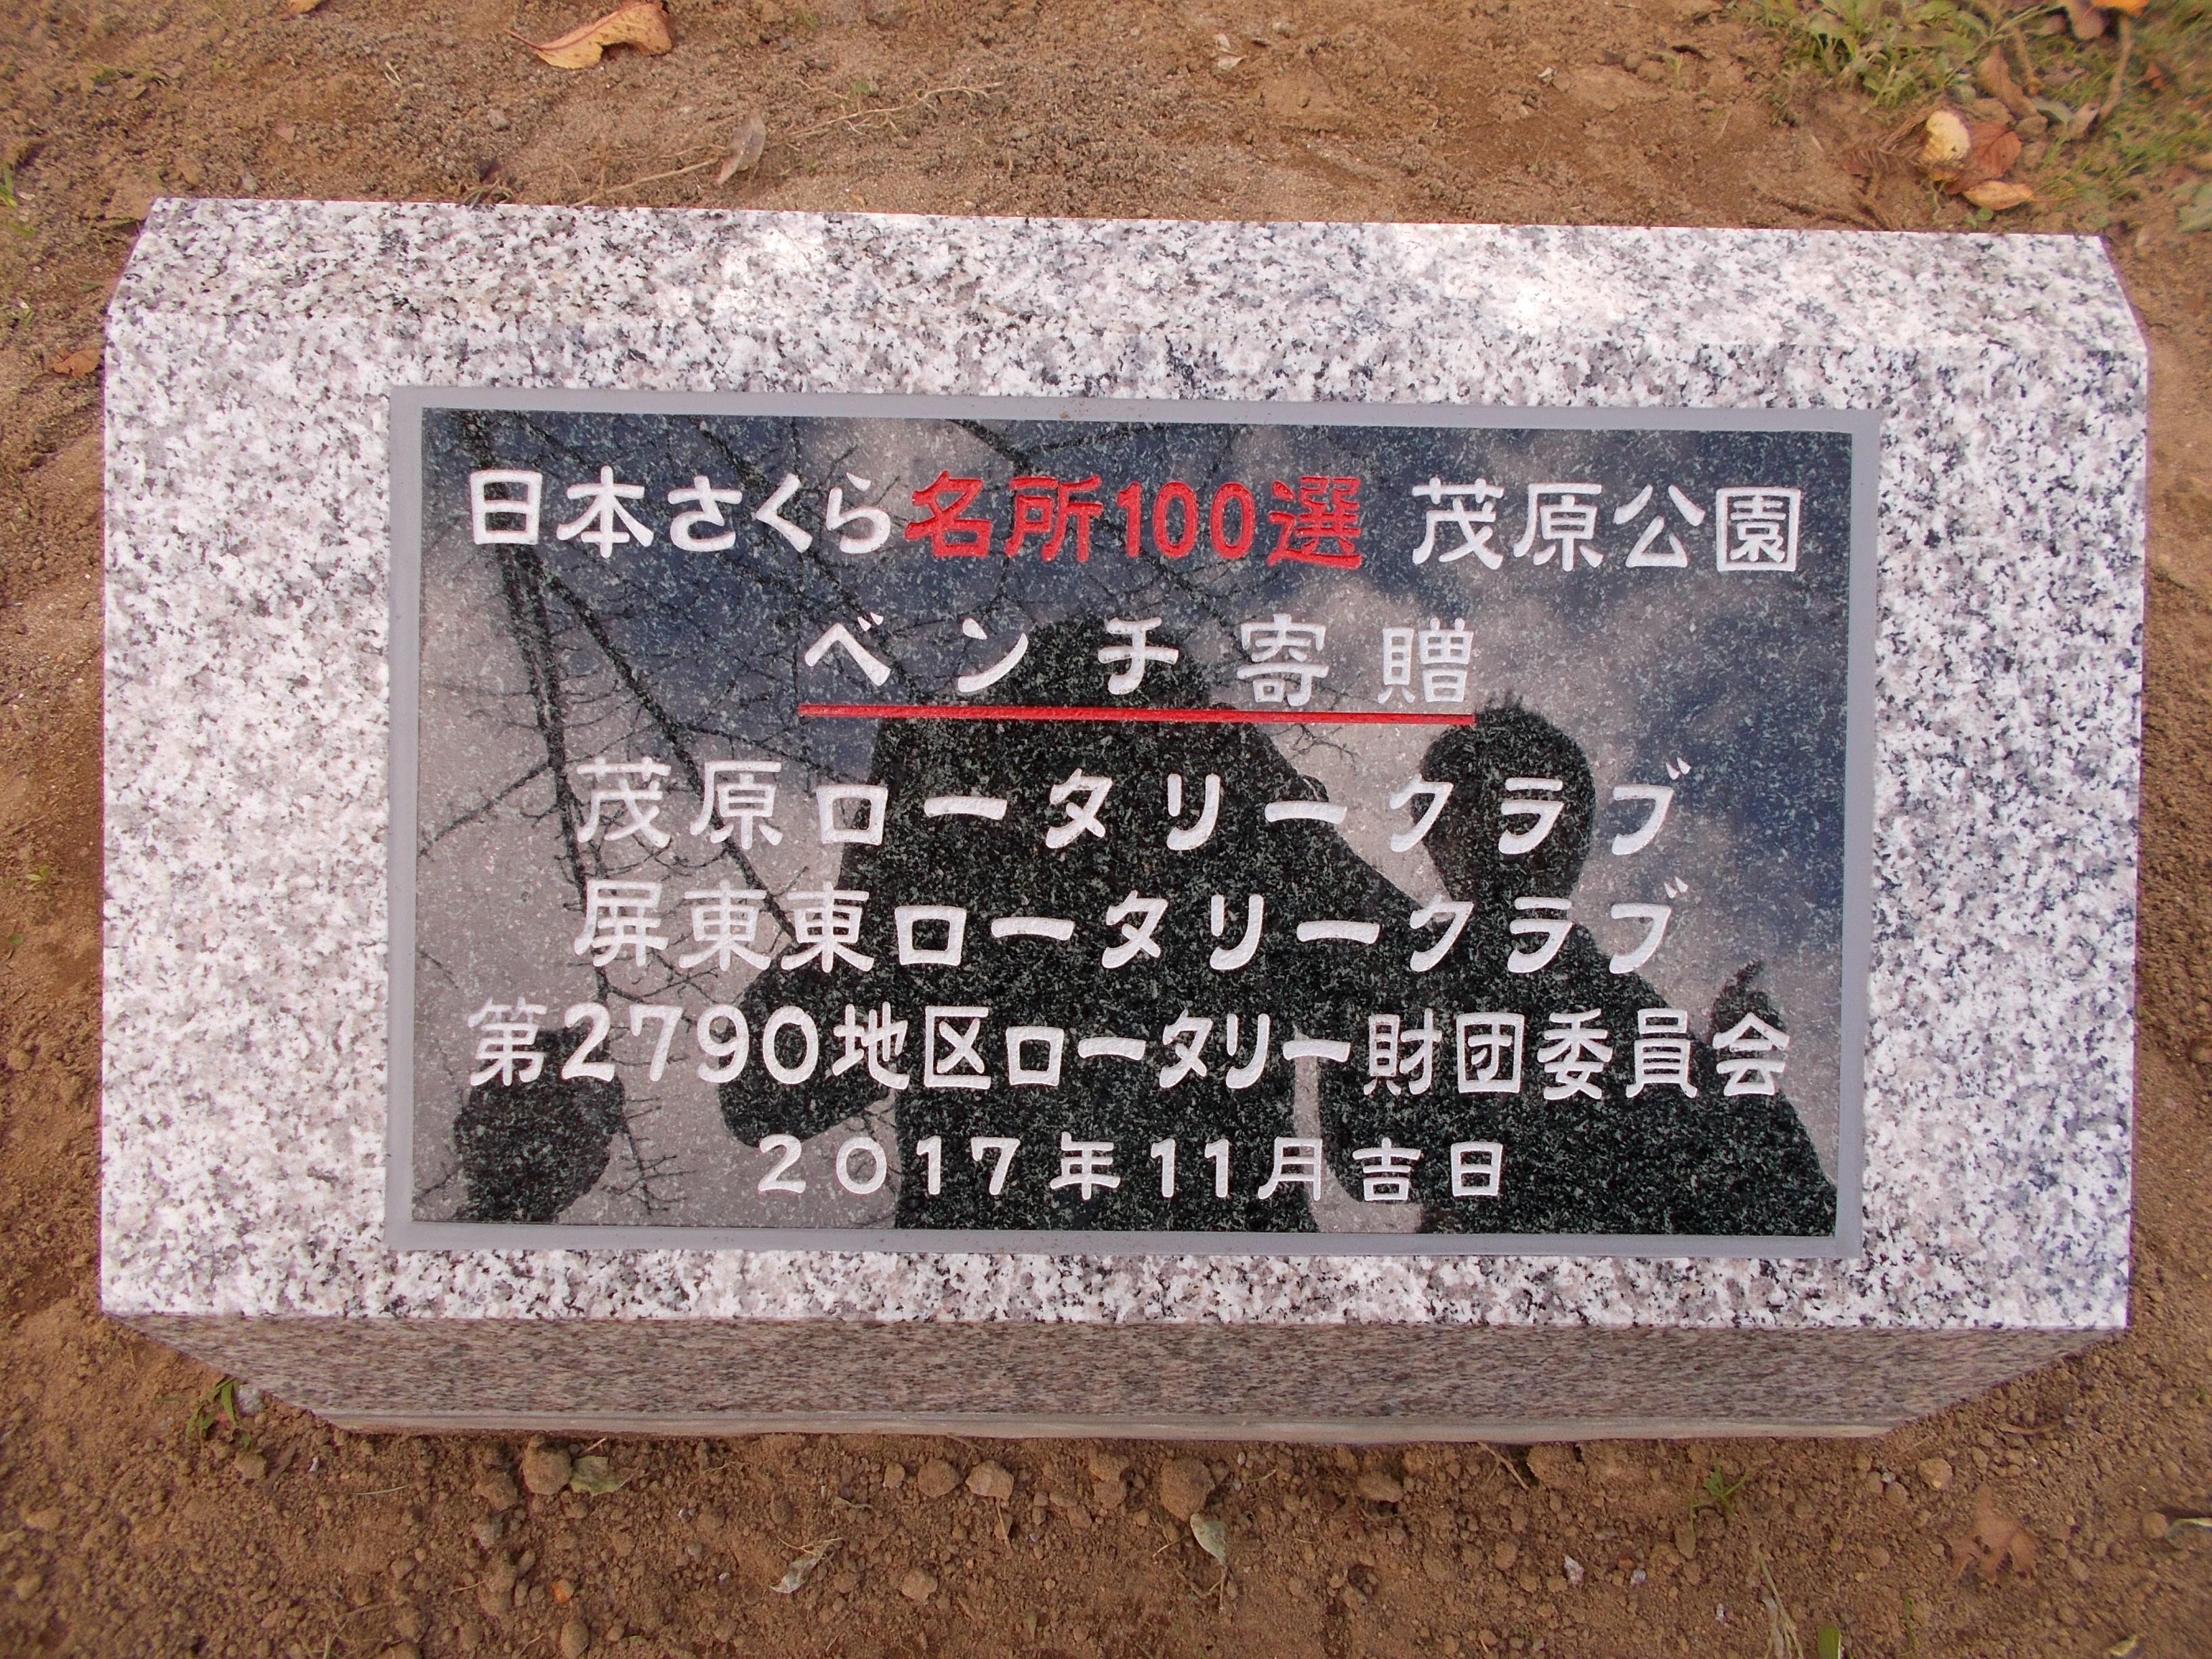 ベンチ設置の石碑